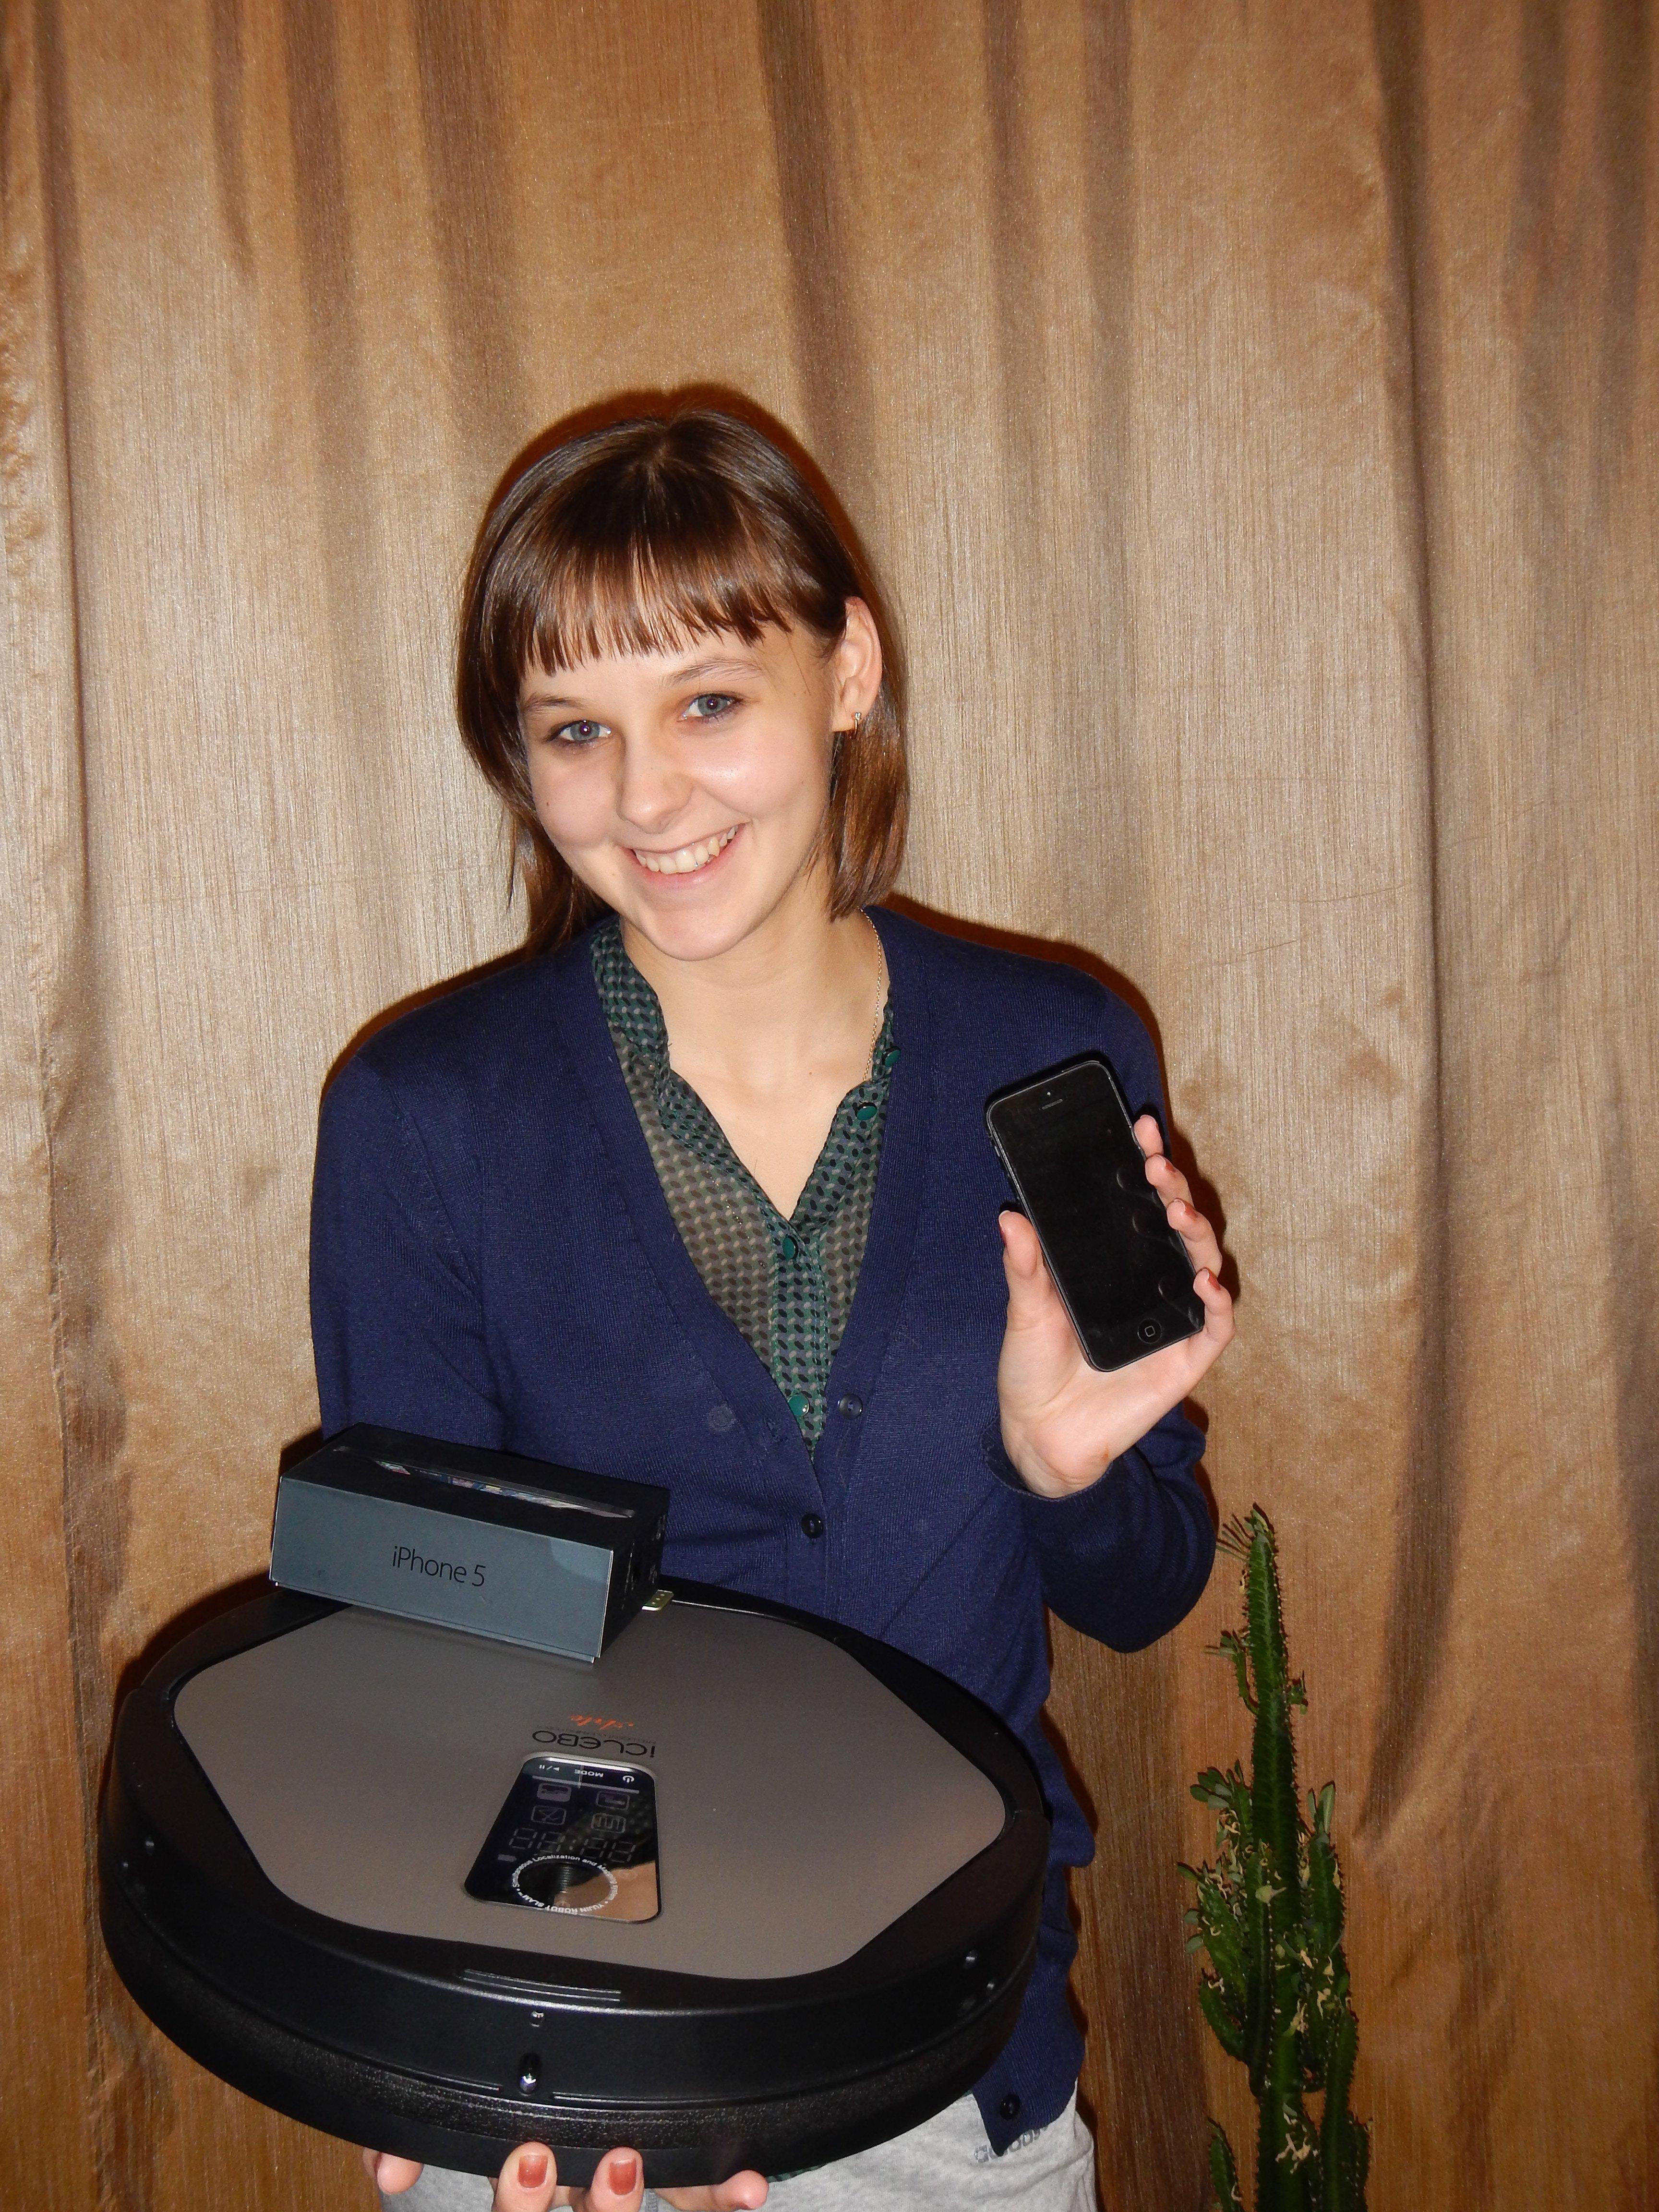 Покупатель Идеального Пылесоса выигравший в Декабре iPhone 5